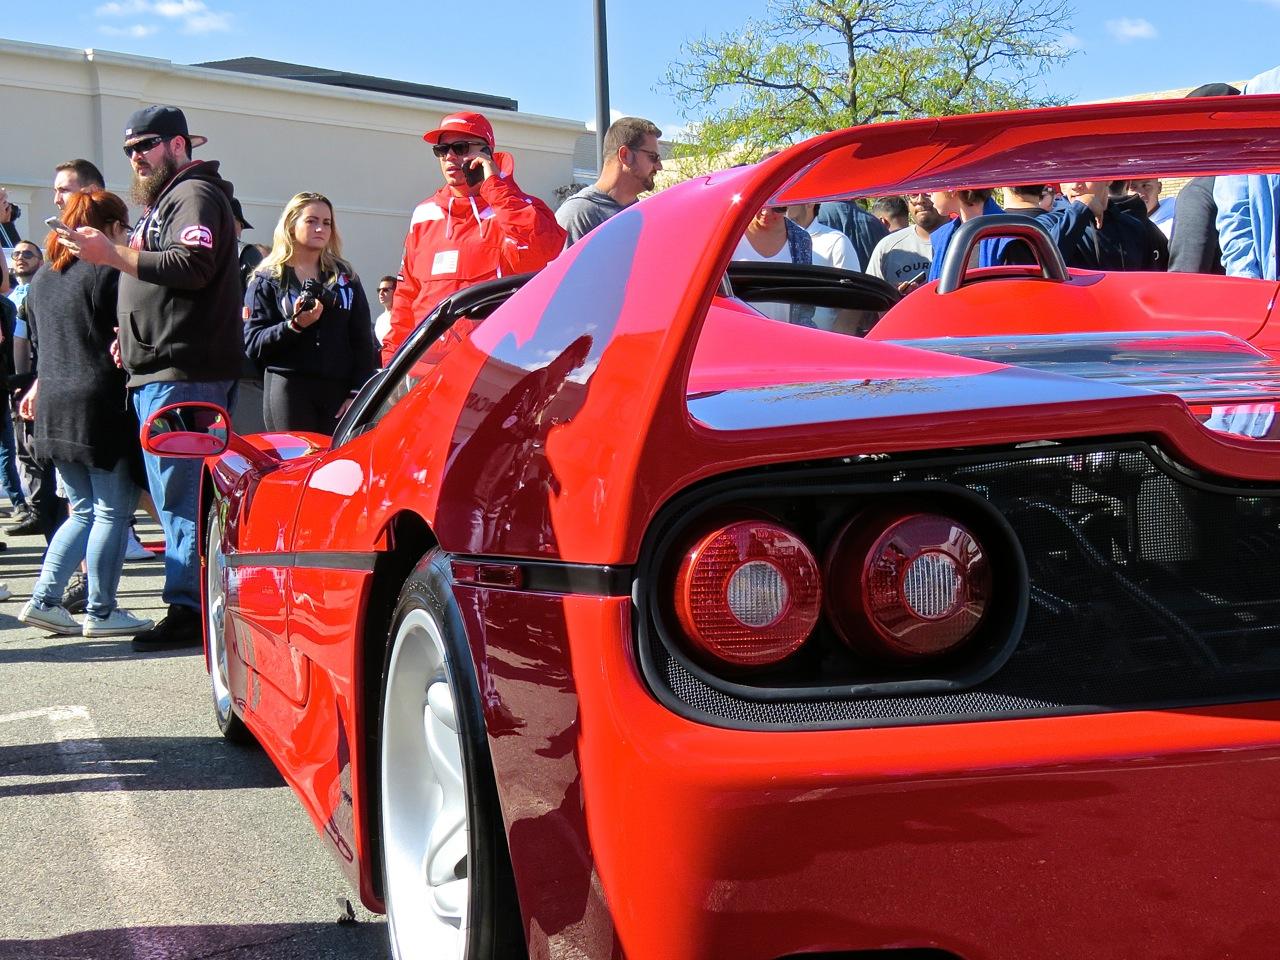 Ferrari F50 Cars and Caffe 3